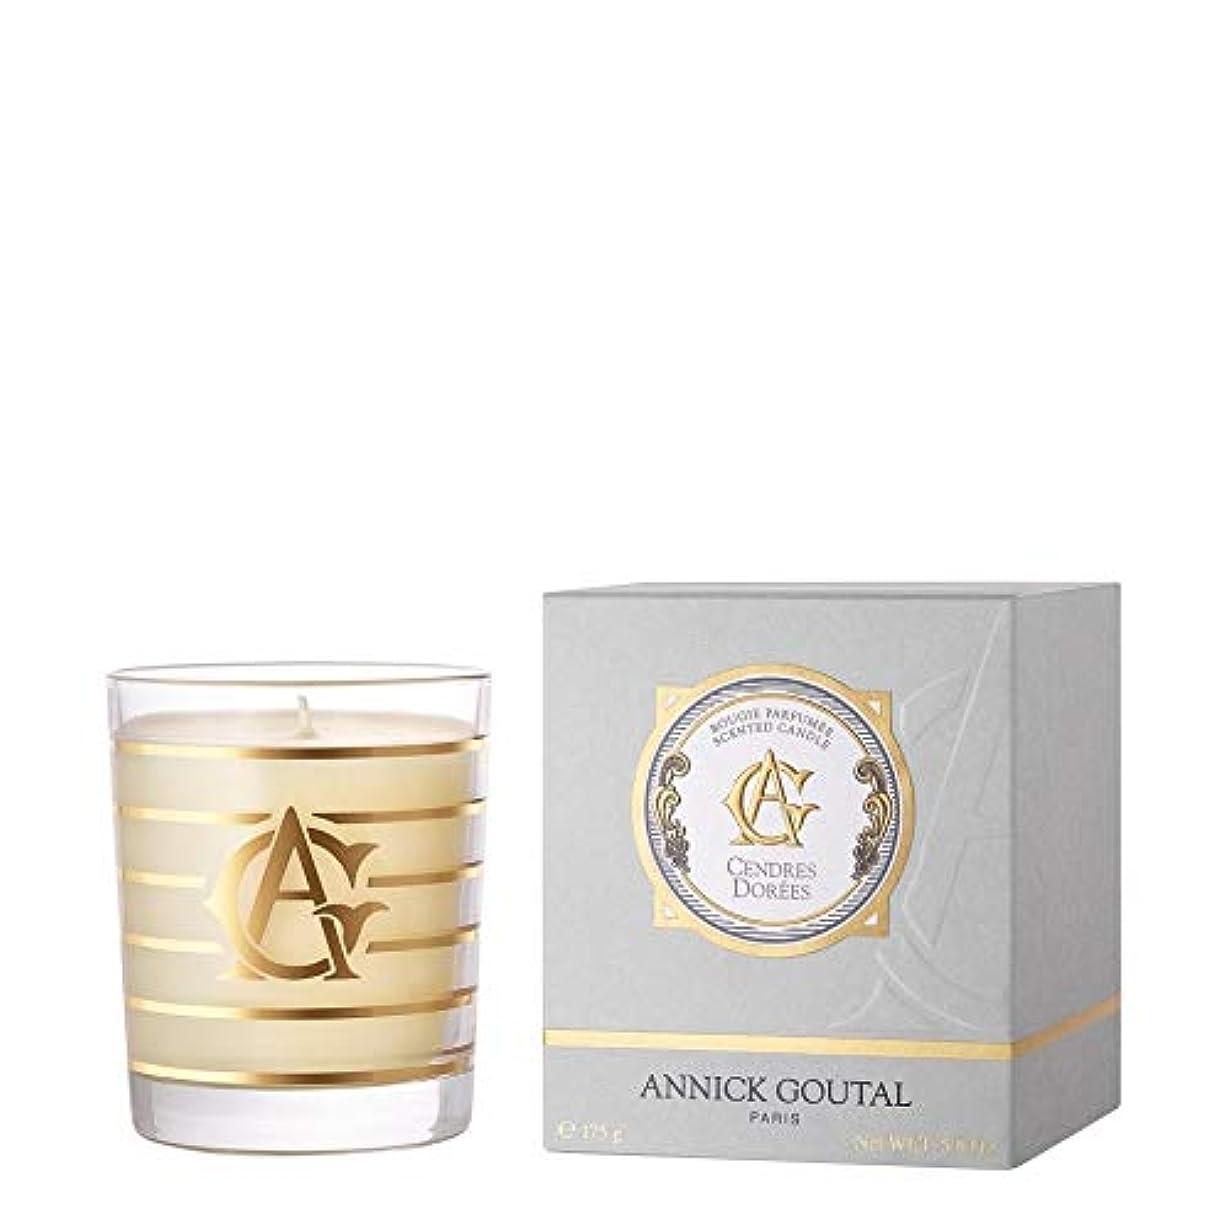 寛大さ囲い利用可能[Annick Goutal ] アニックグタールCendres Dorees香りのキャンドル175グラム - Annick Goutal Cendres Dorees Perfumed Candle 175g [並行輸入品]